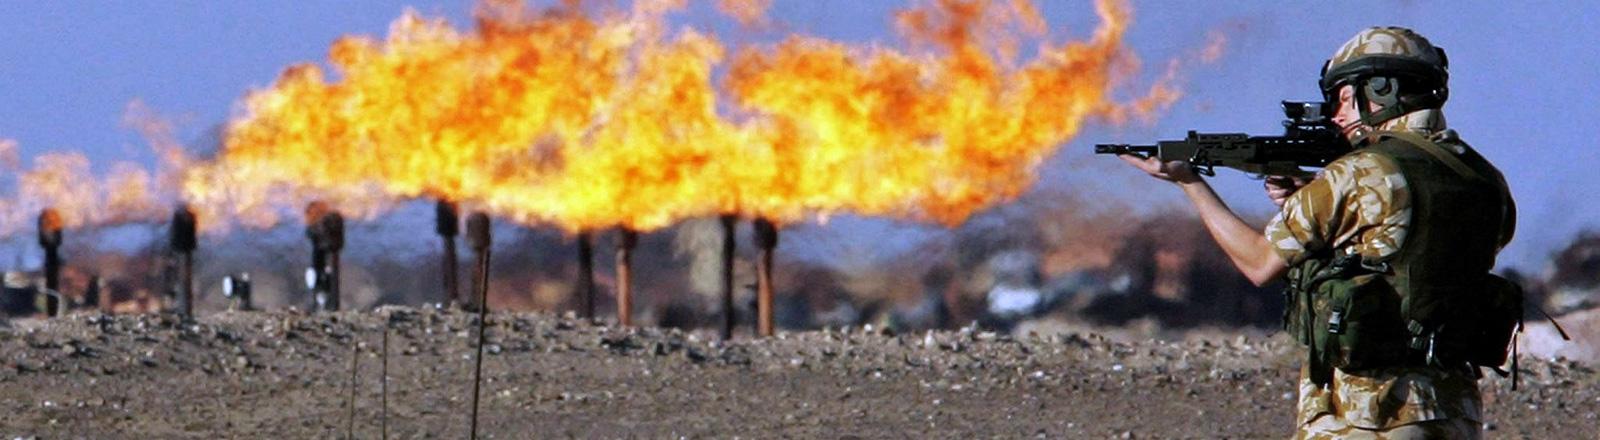 Ein britischer Soldat hält am 26.01.2005 Wache vor einer brennenden Ölstelle.